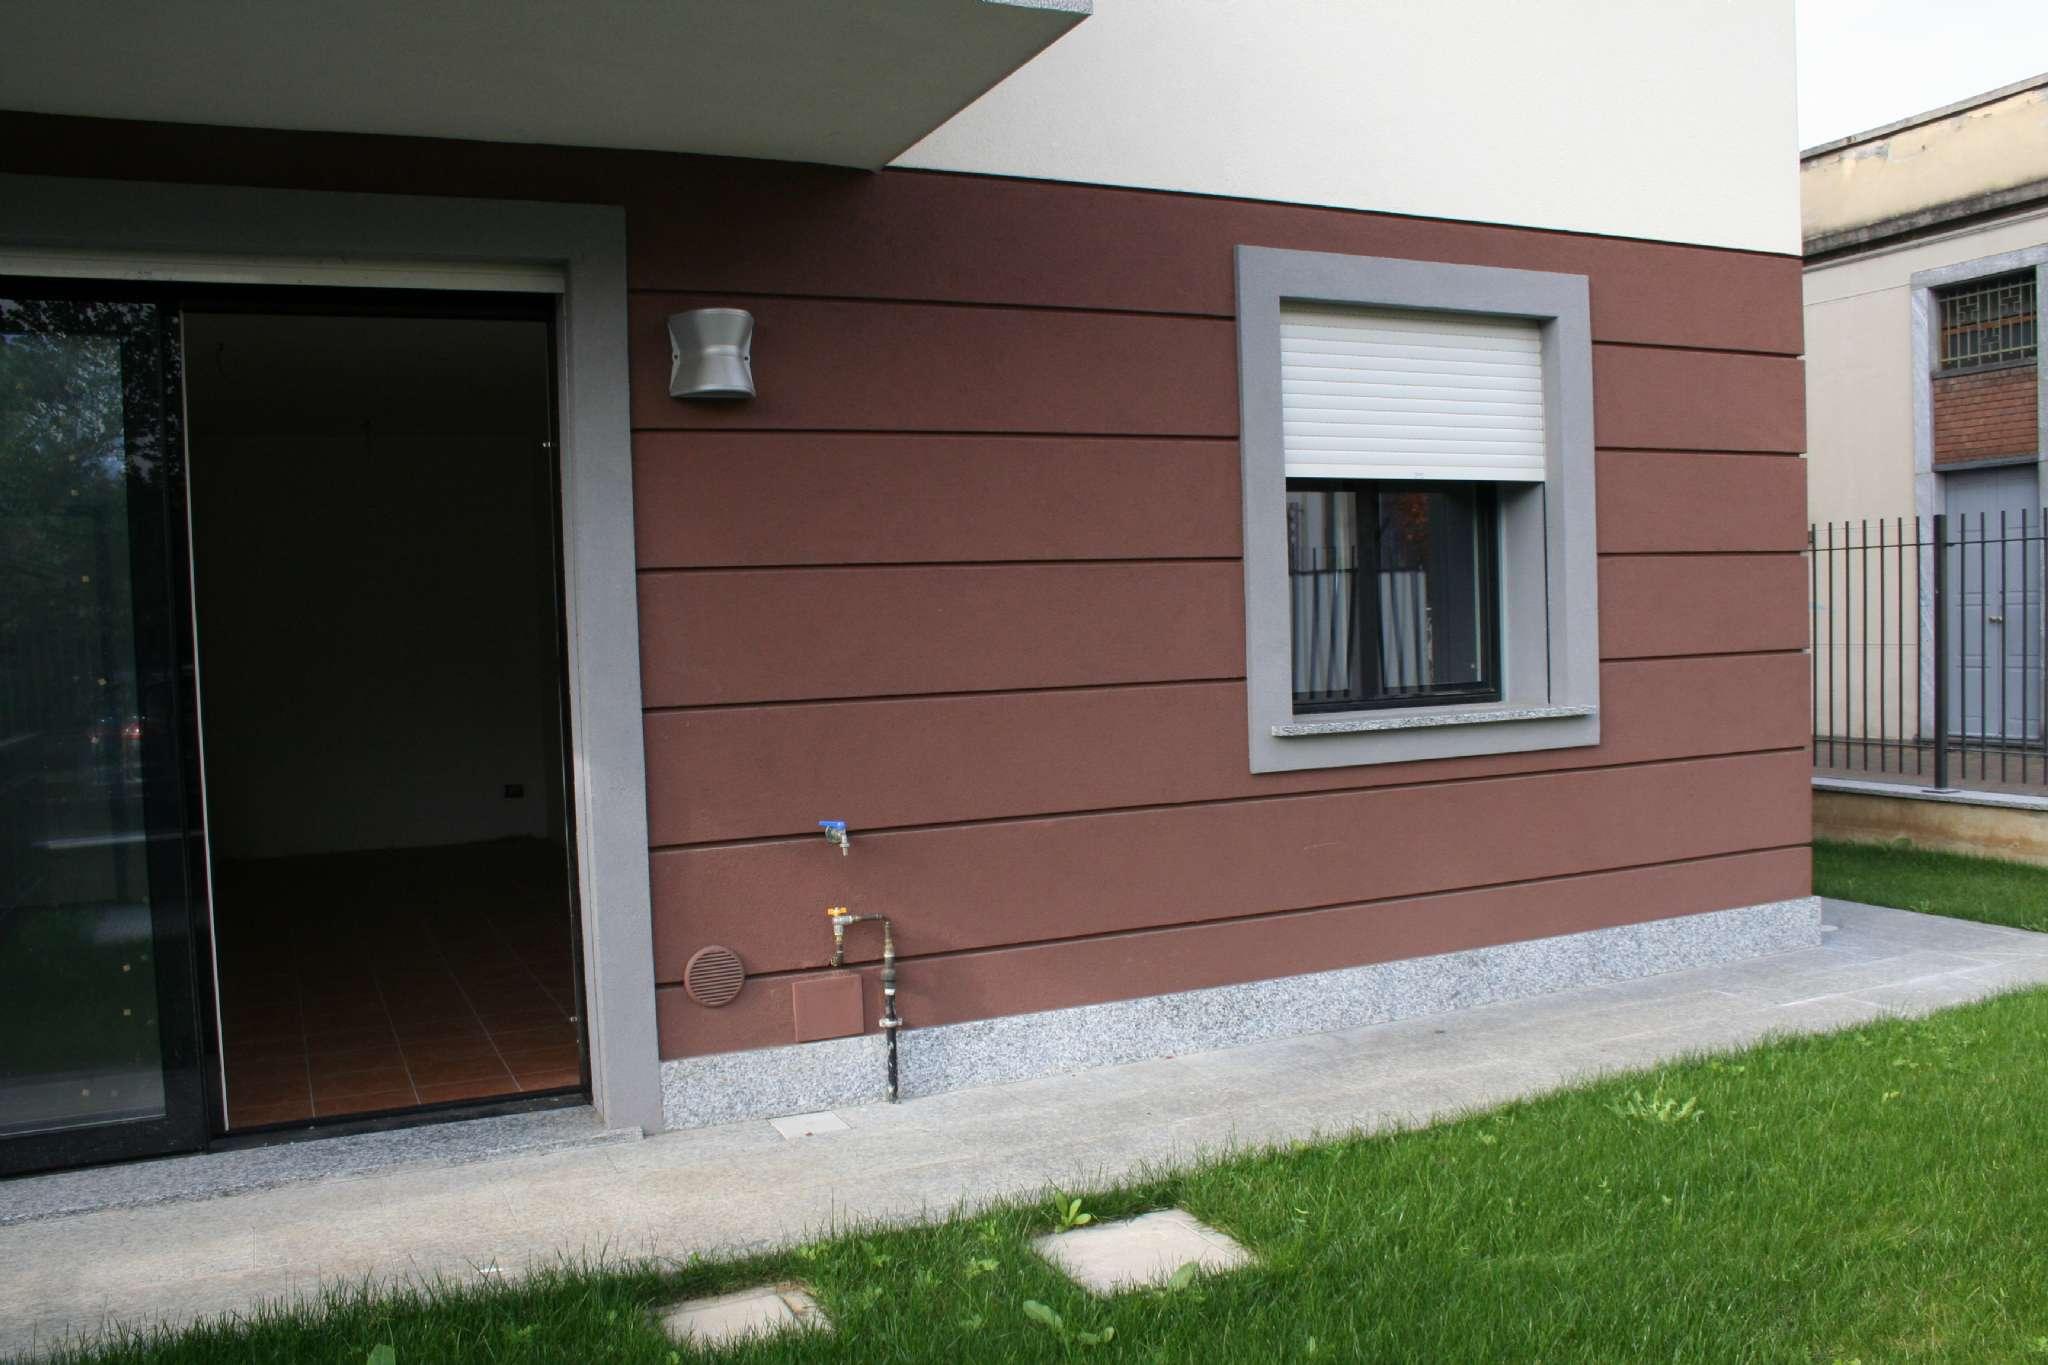 Appartamento in vendita a Cernusco sul Naviglio, 3 locali, prezzo € 240.000 | Cambio Casa.it